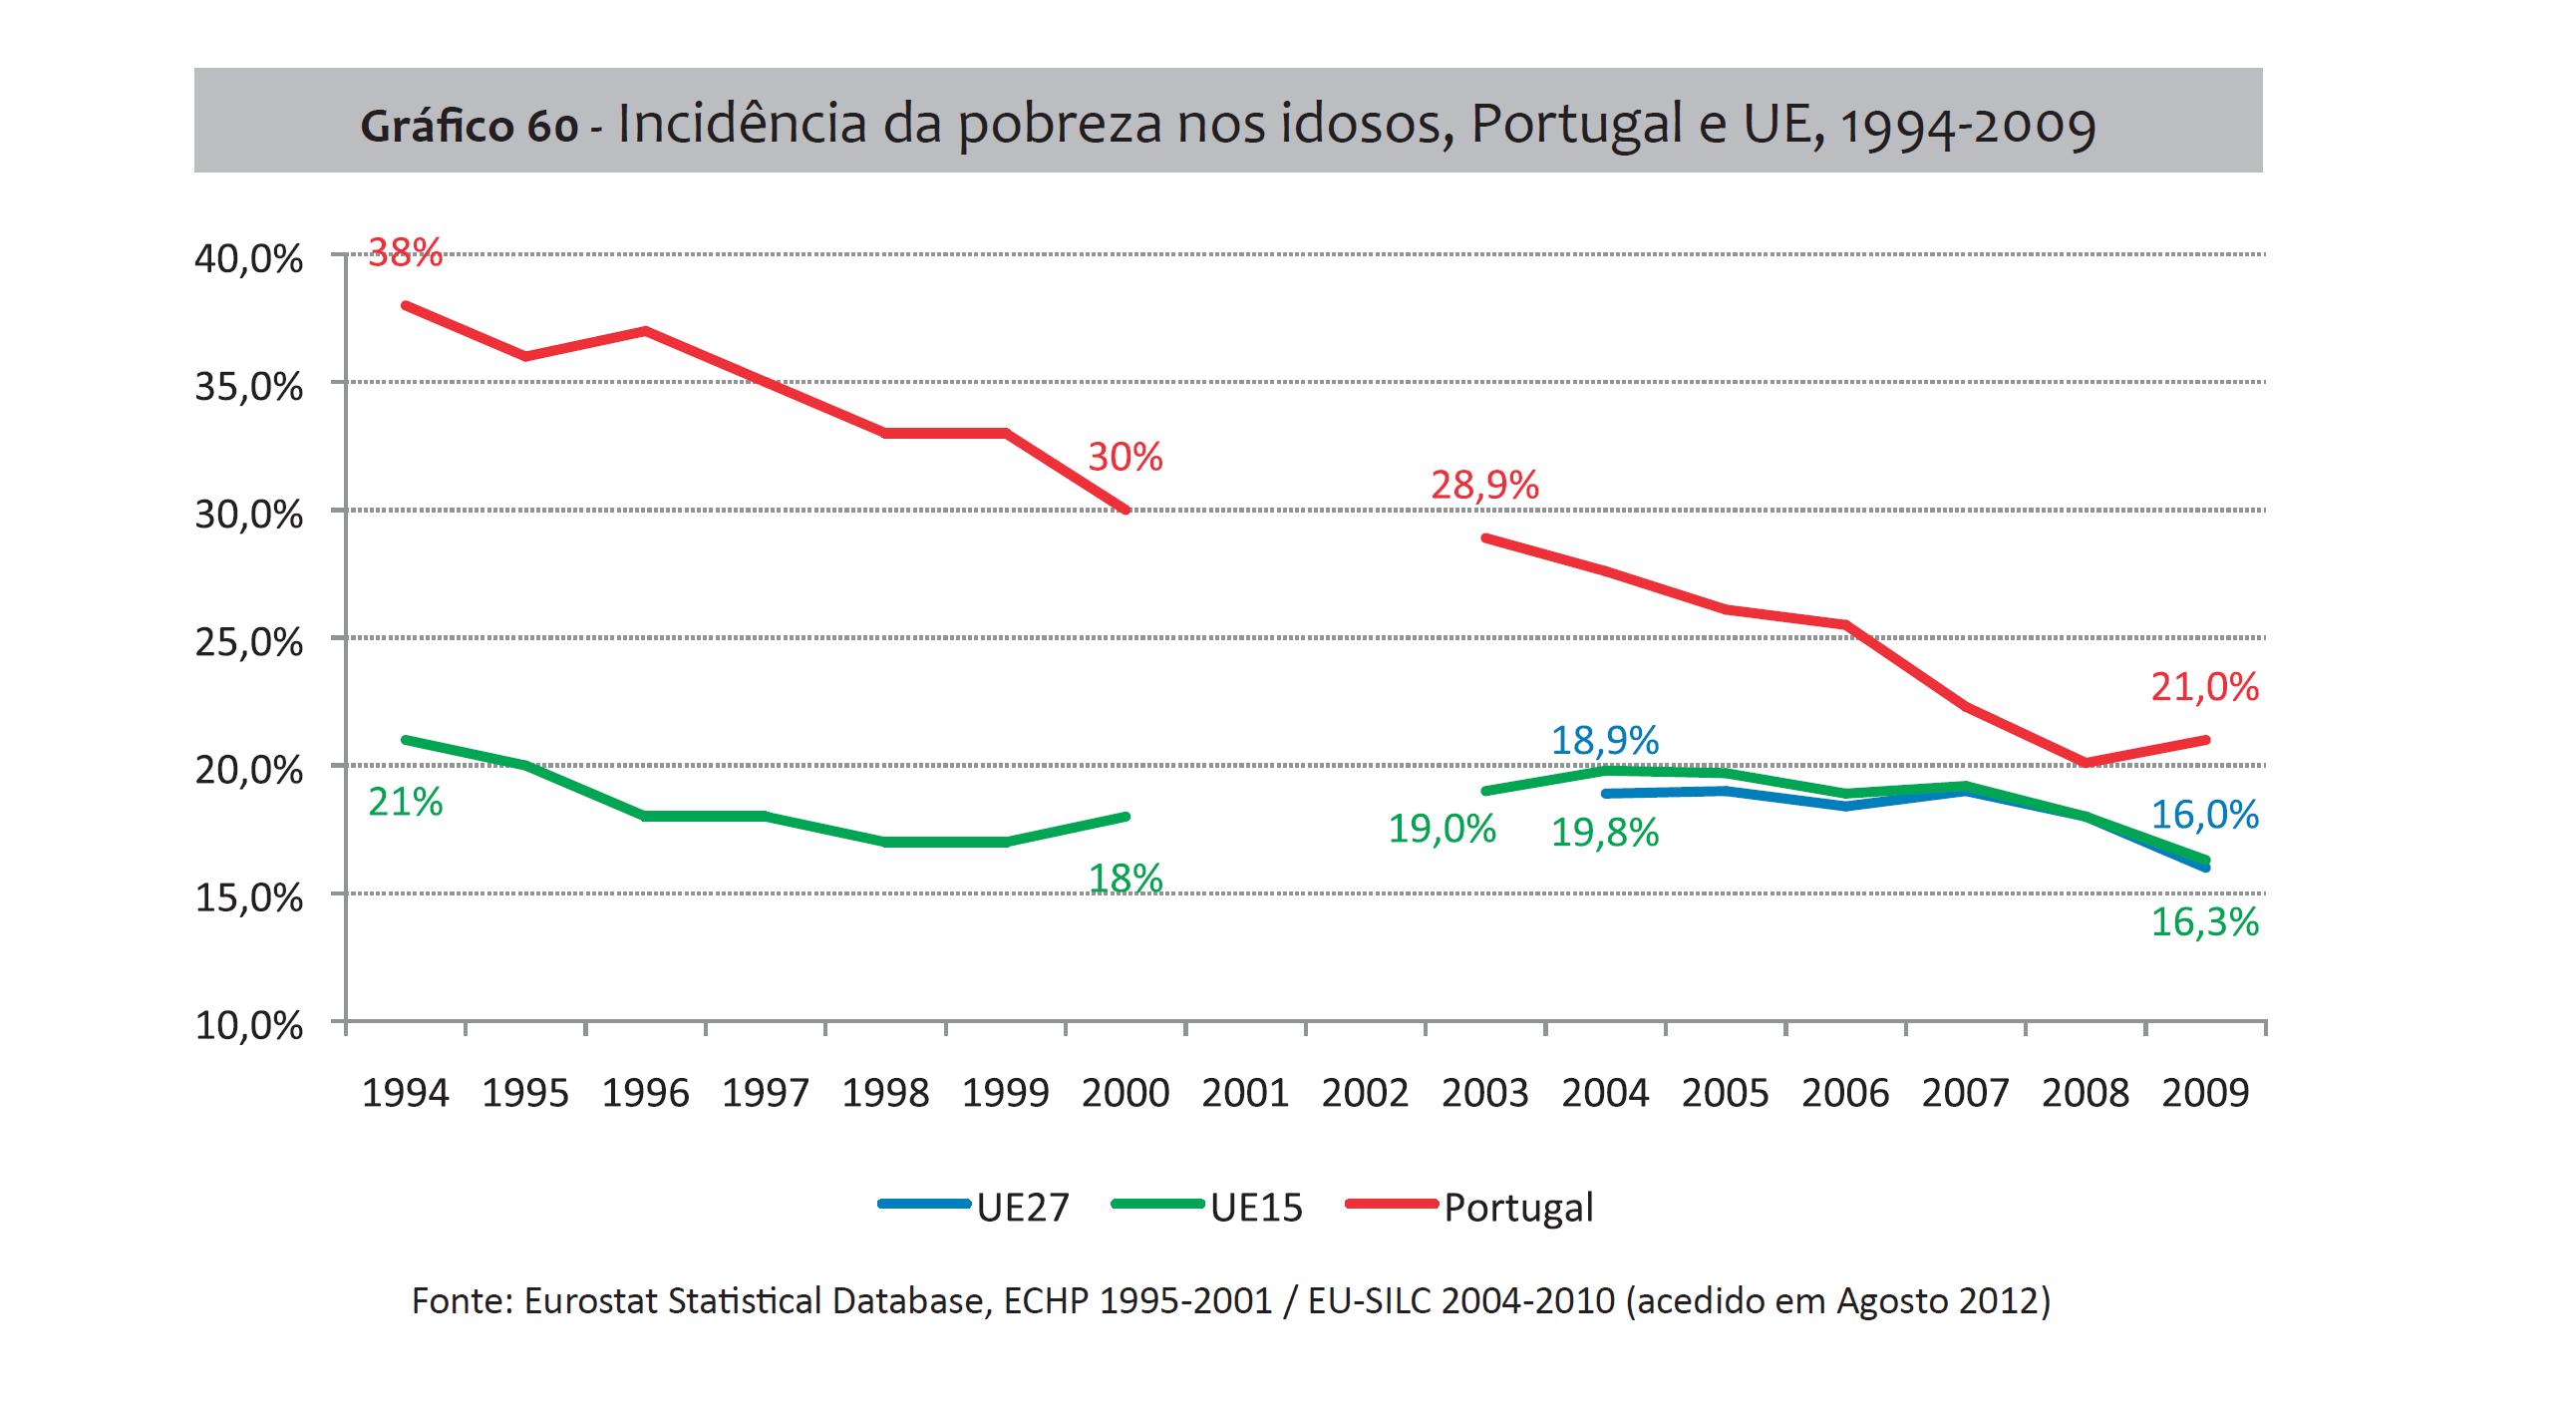 Desigualdades, Incidência de Pobreza nos idosos 1